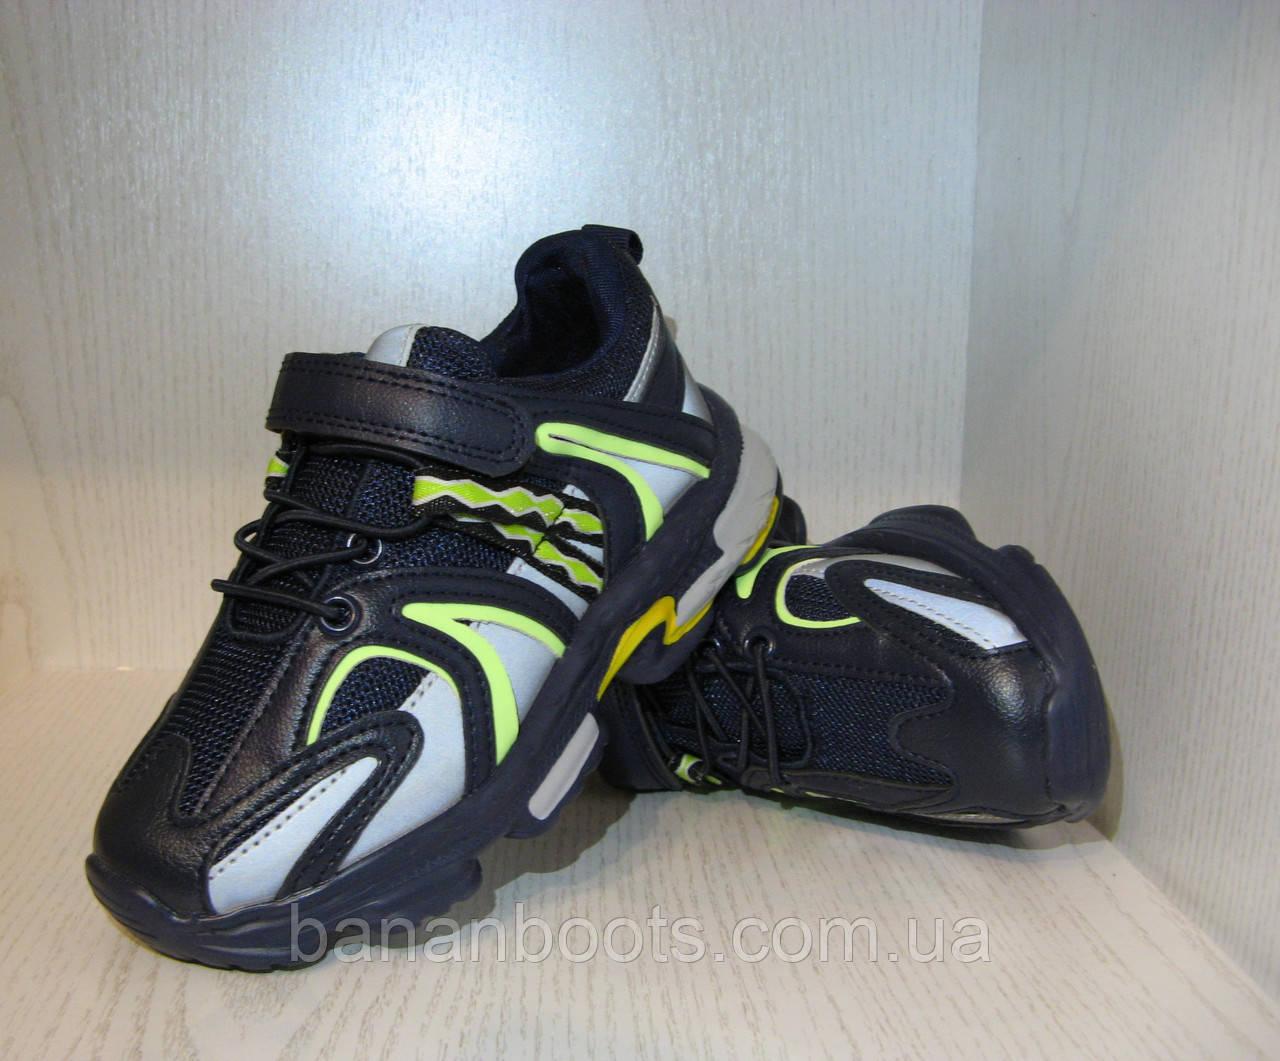 Кросівки дитячі салатово - сині для хлопчика 28р.